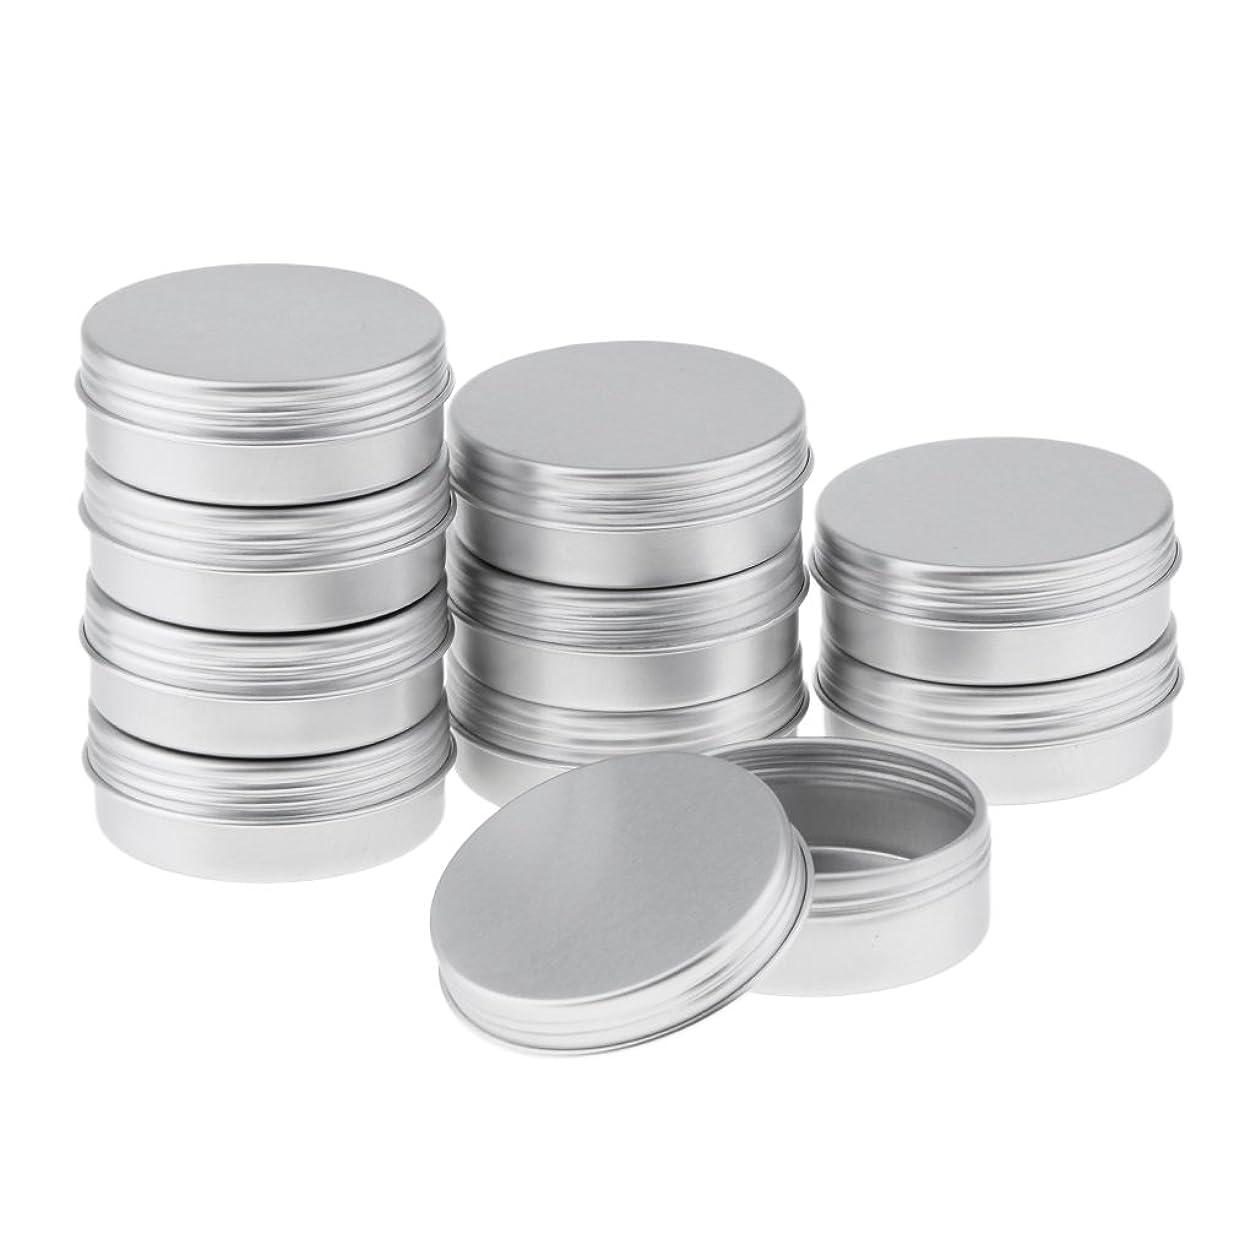 10個の25ミリリットルのアルミリップクリーム缶ポットコスメティッククリームジャーボトル容器 - 10個25ml